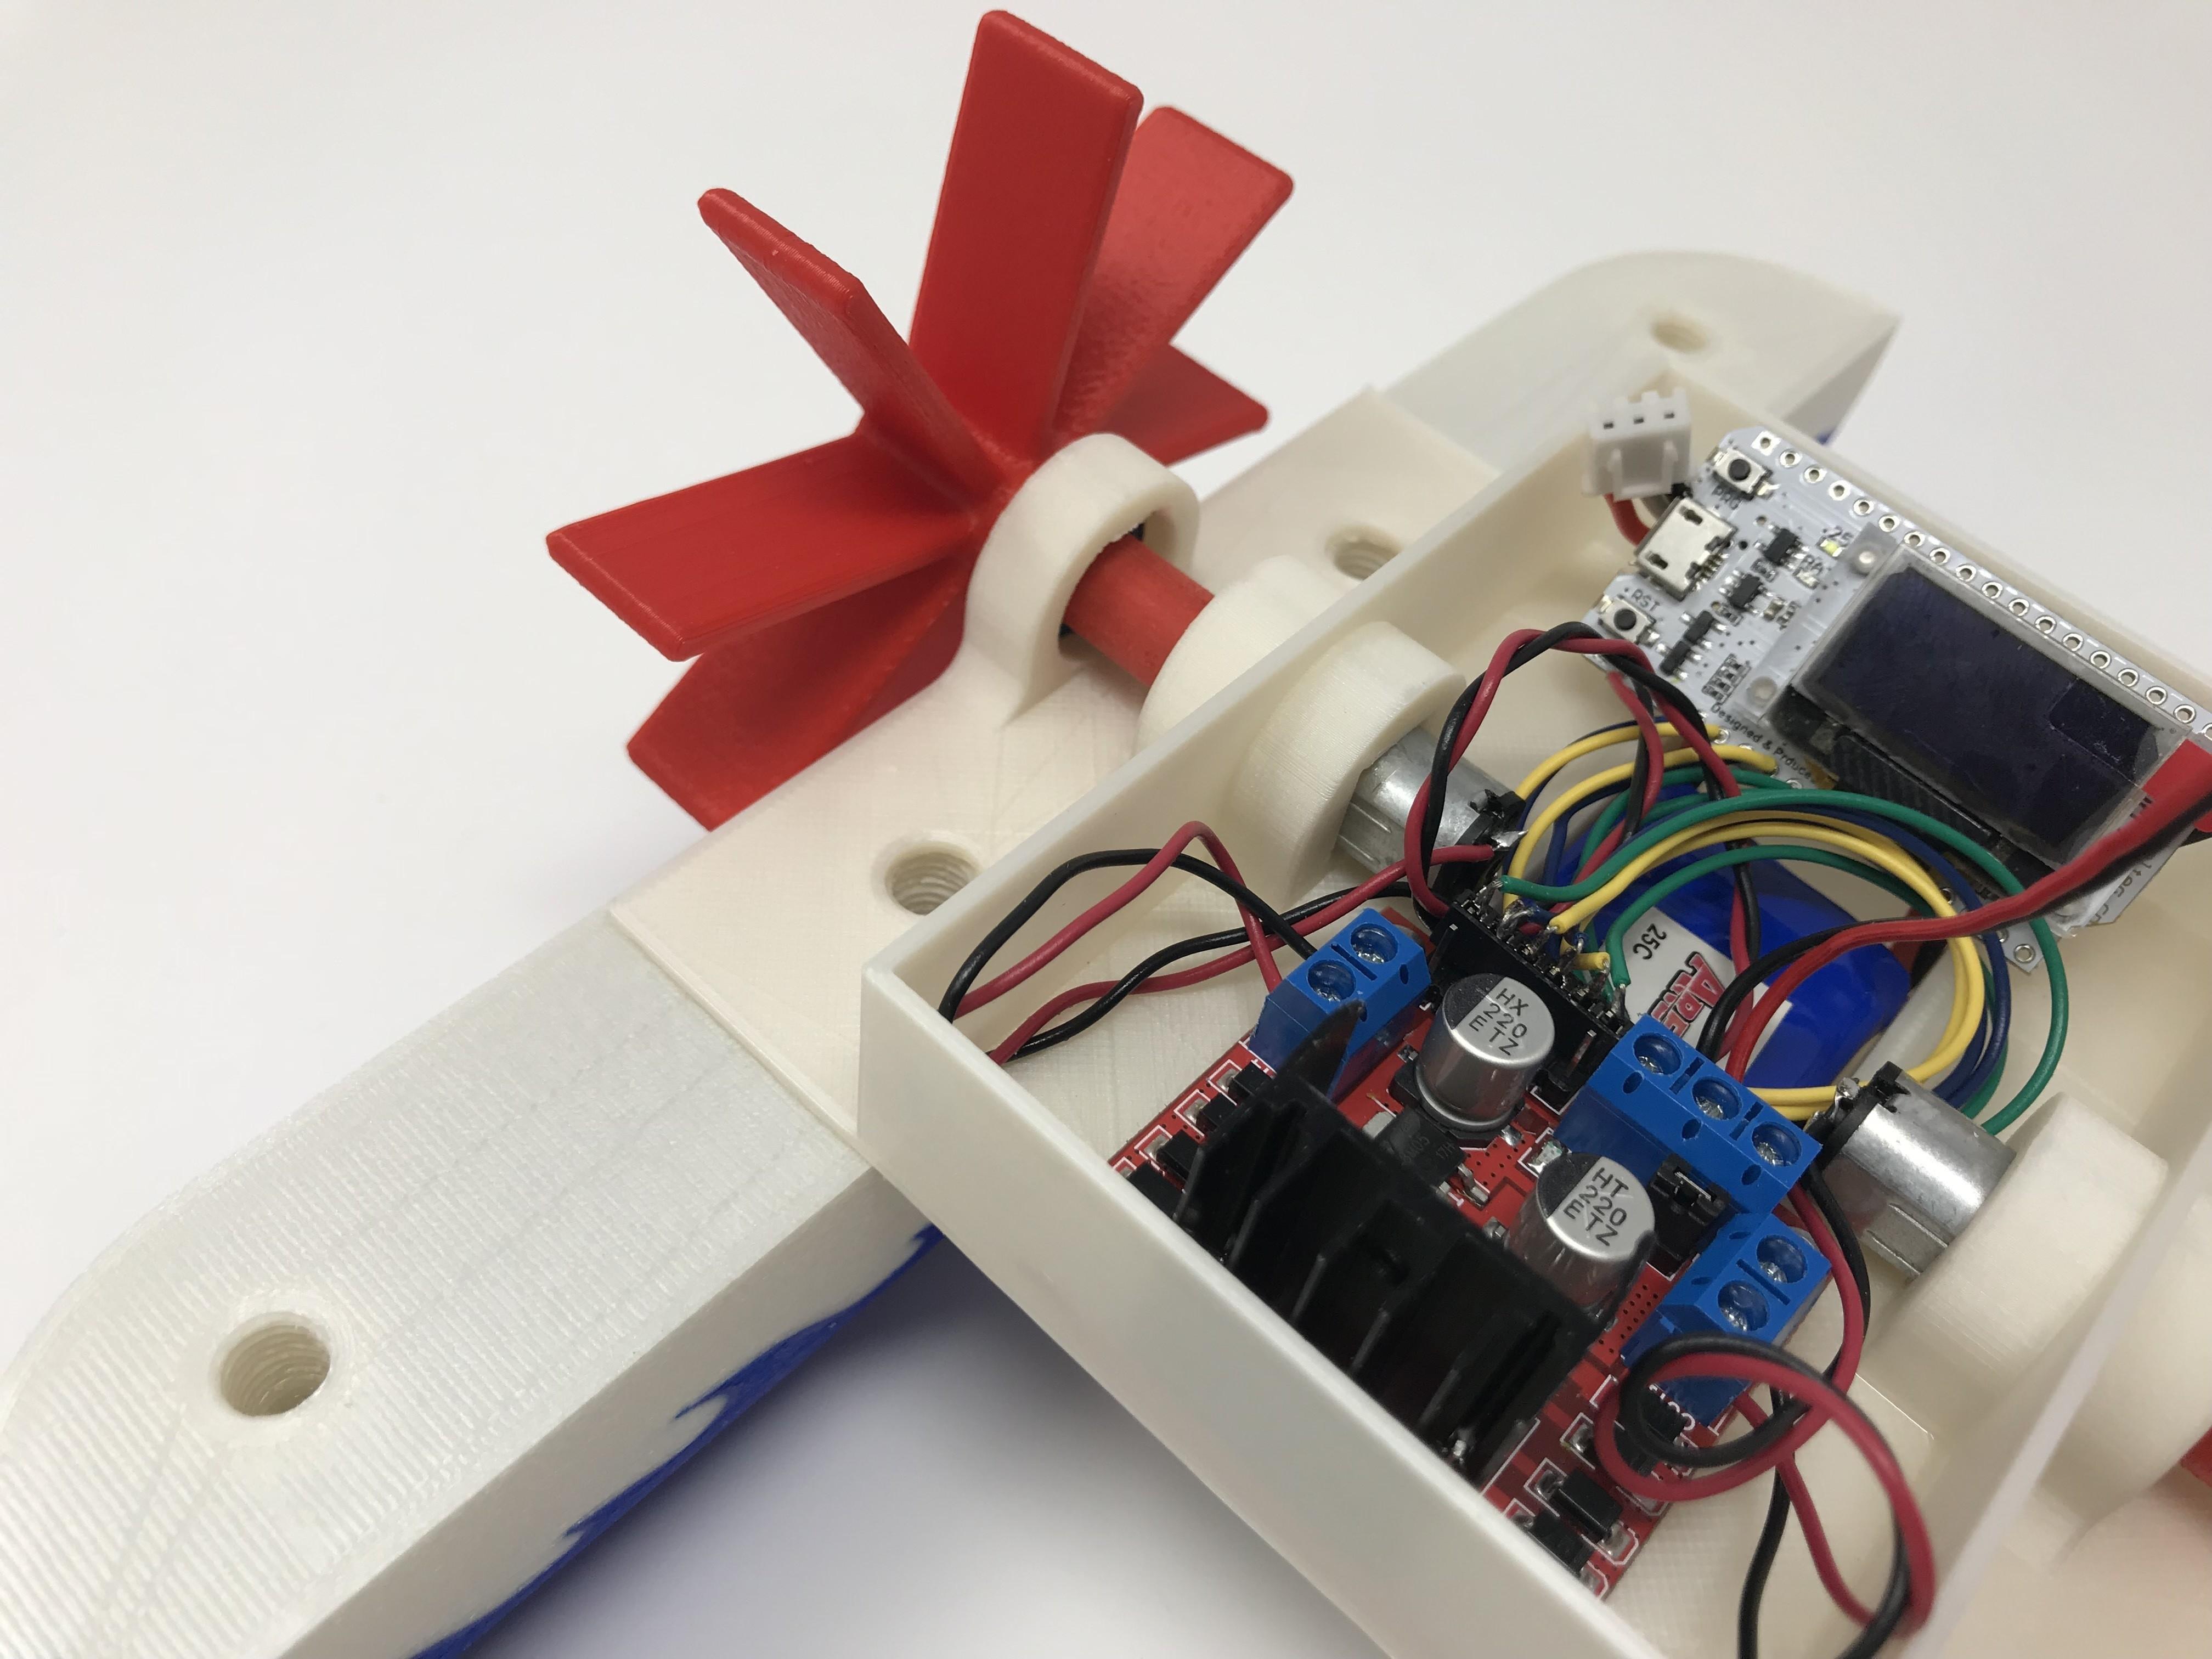 IMG_0826.jpg Download free STL file WiFi Paddle Boat • 3D printing design, gzumwalt